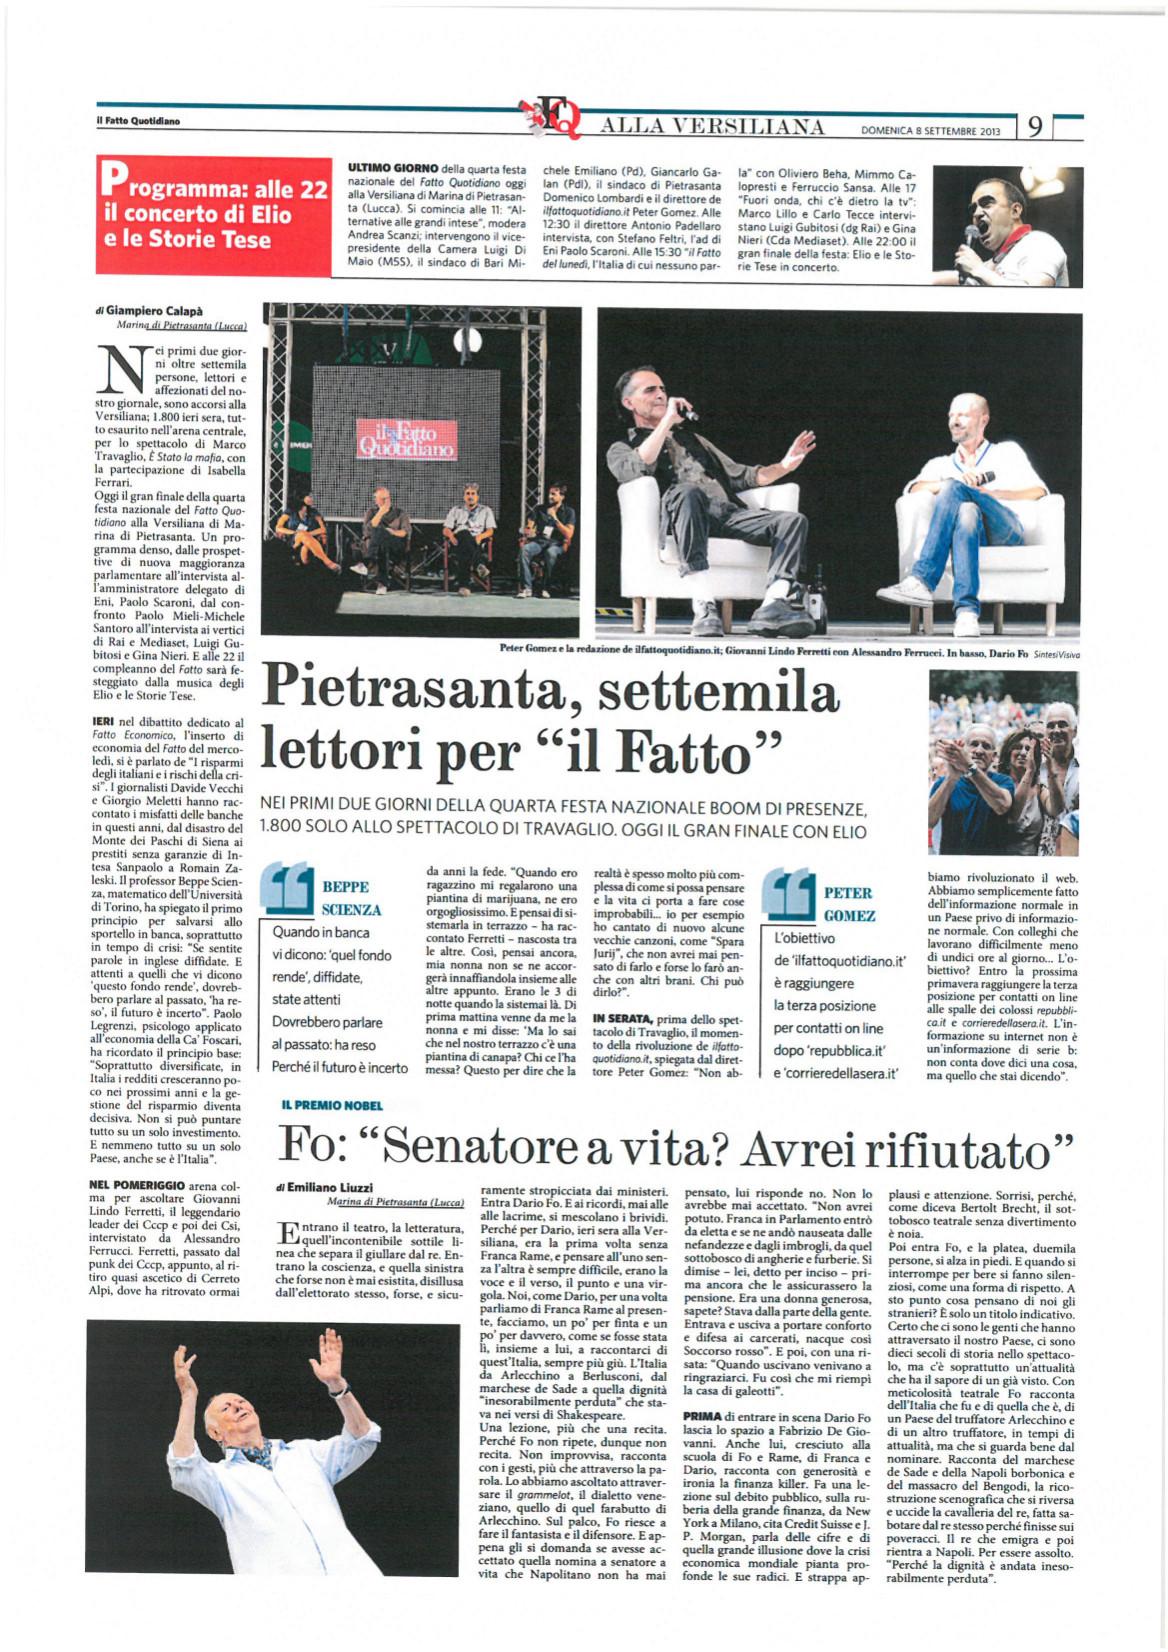 Anno-2013-news-1